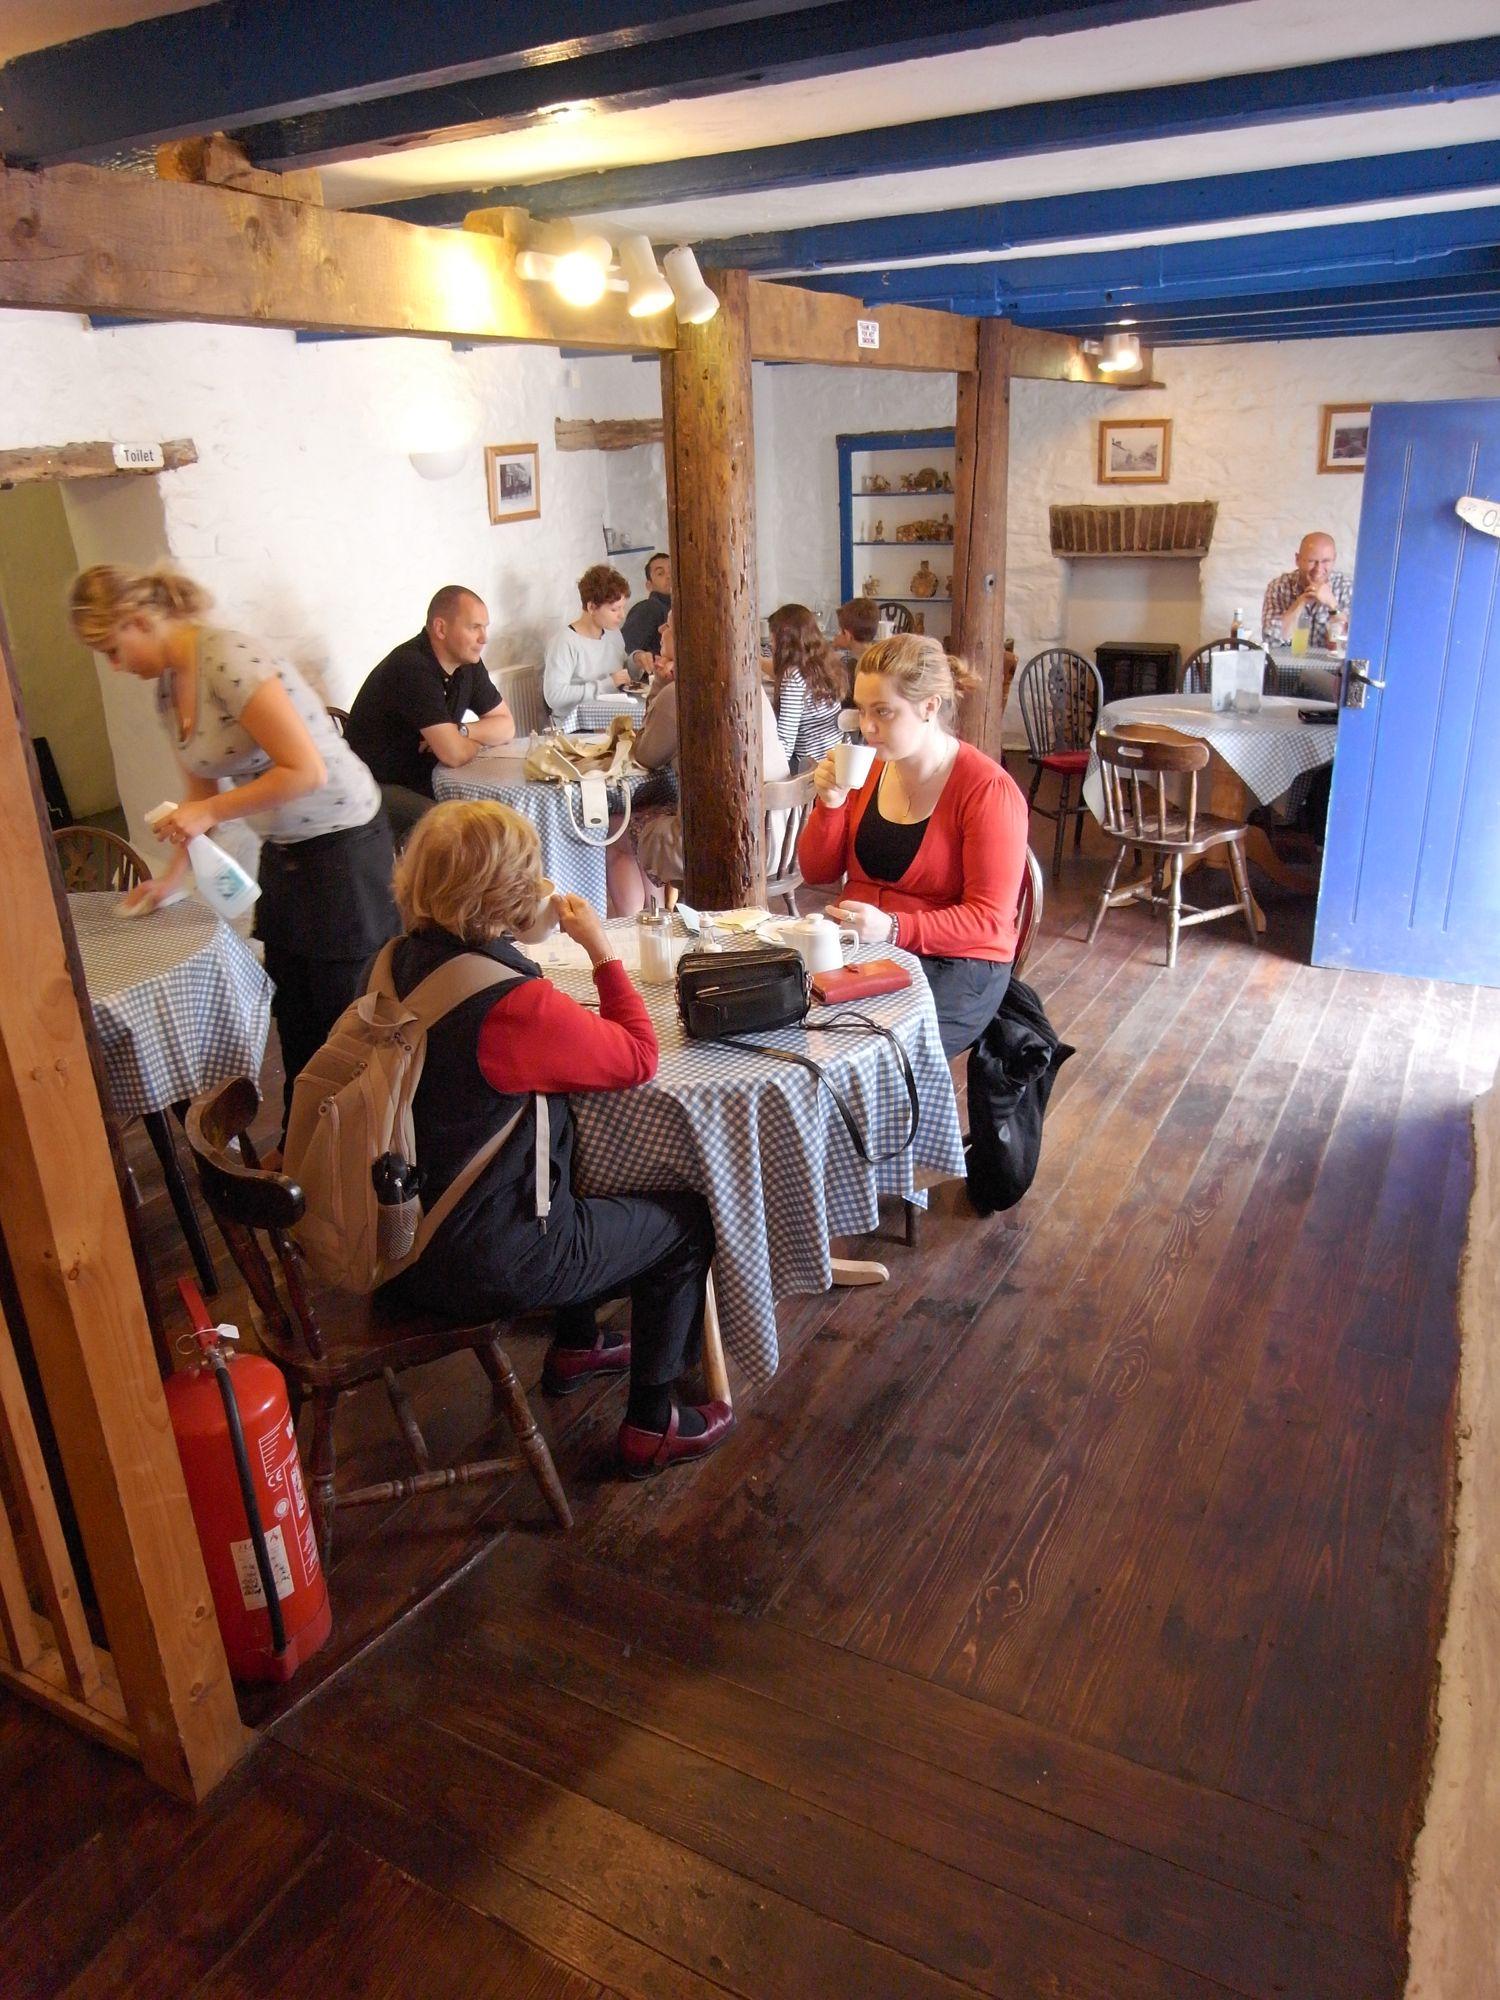 Jones Restaurant and Café